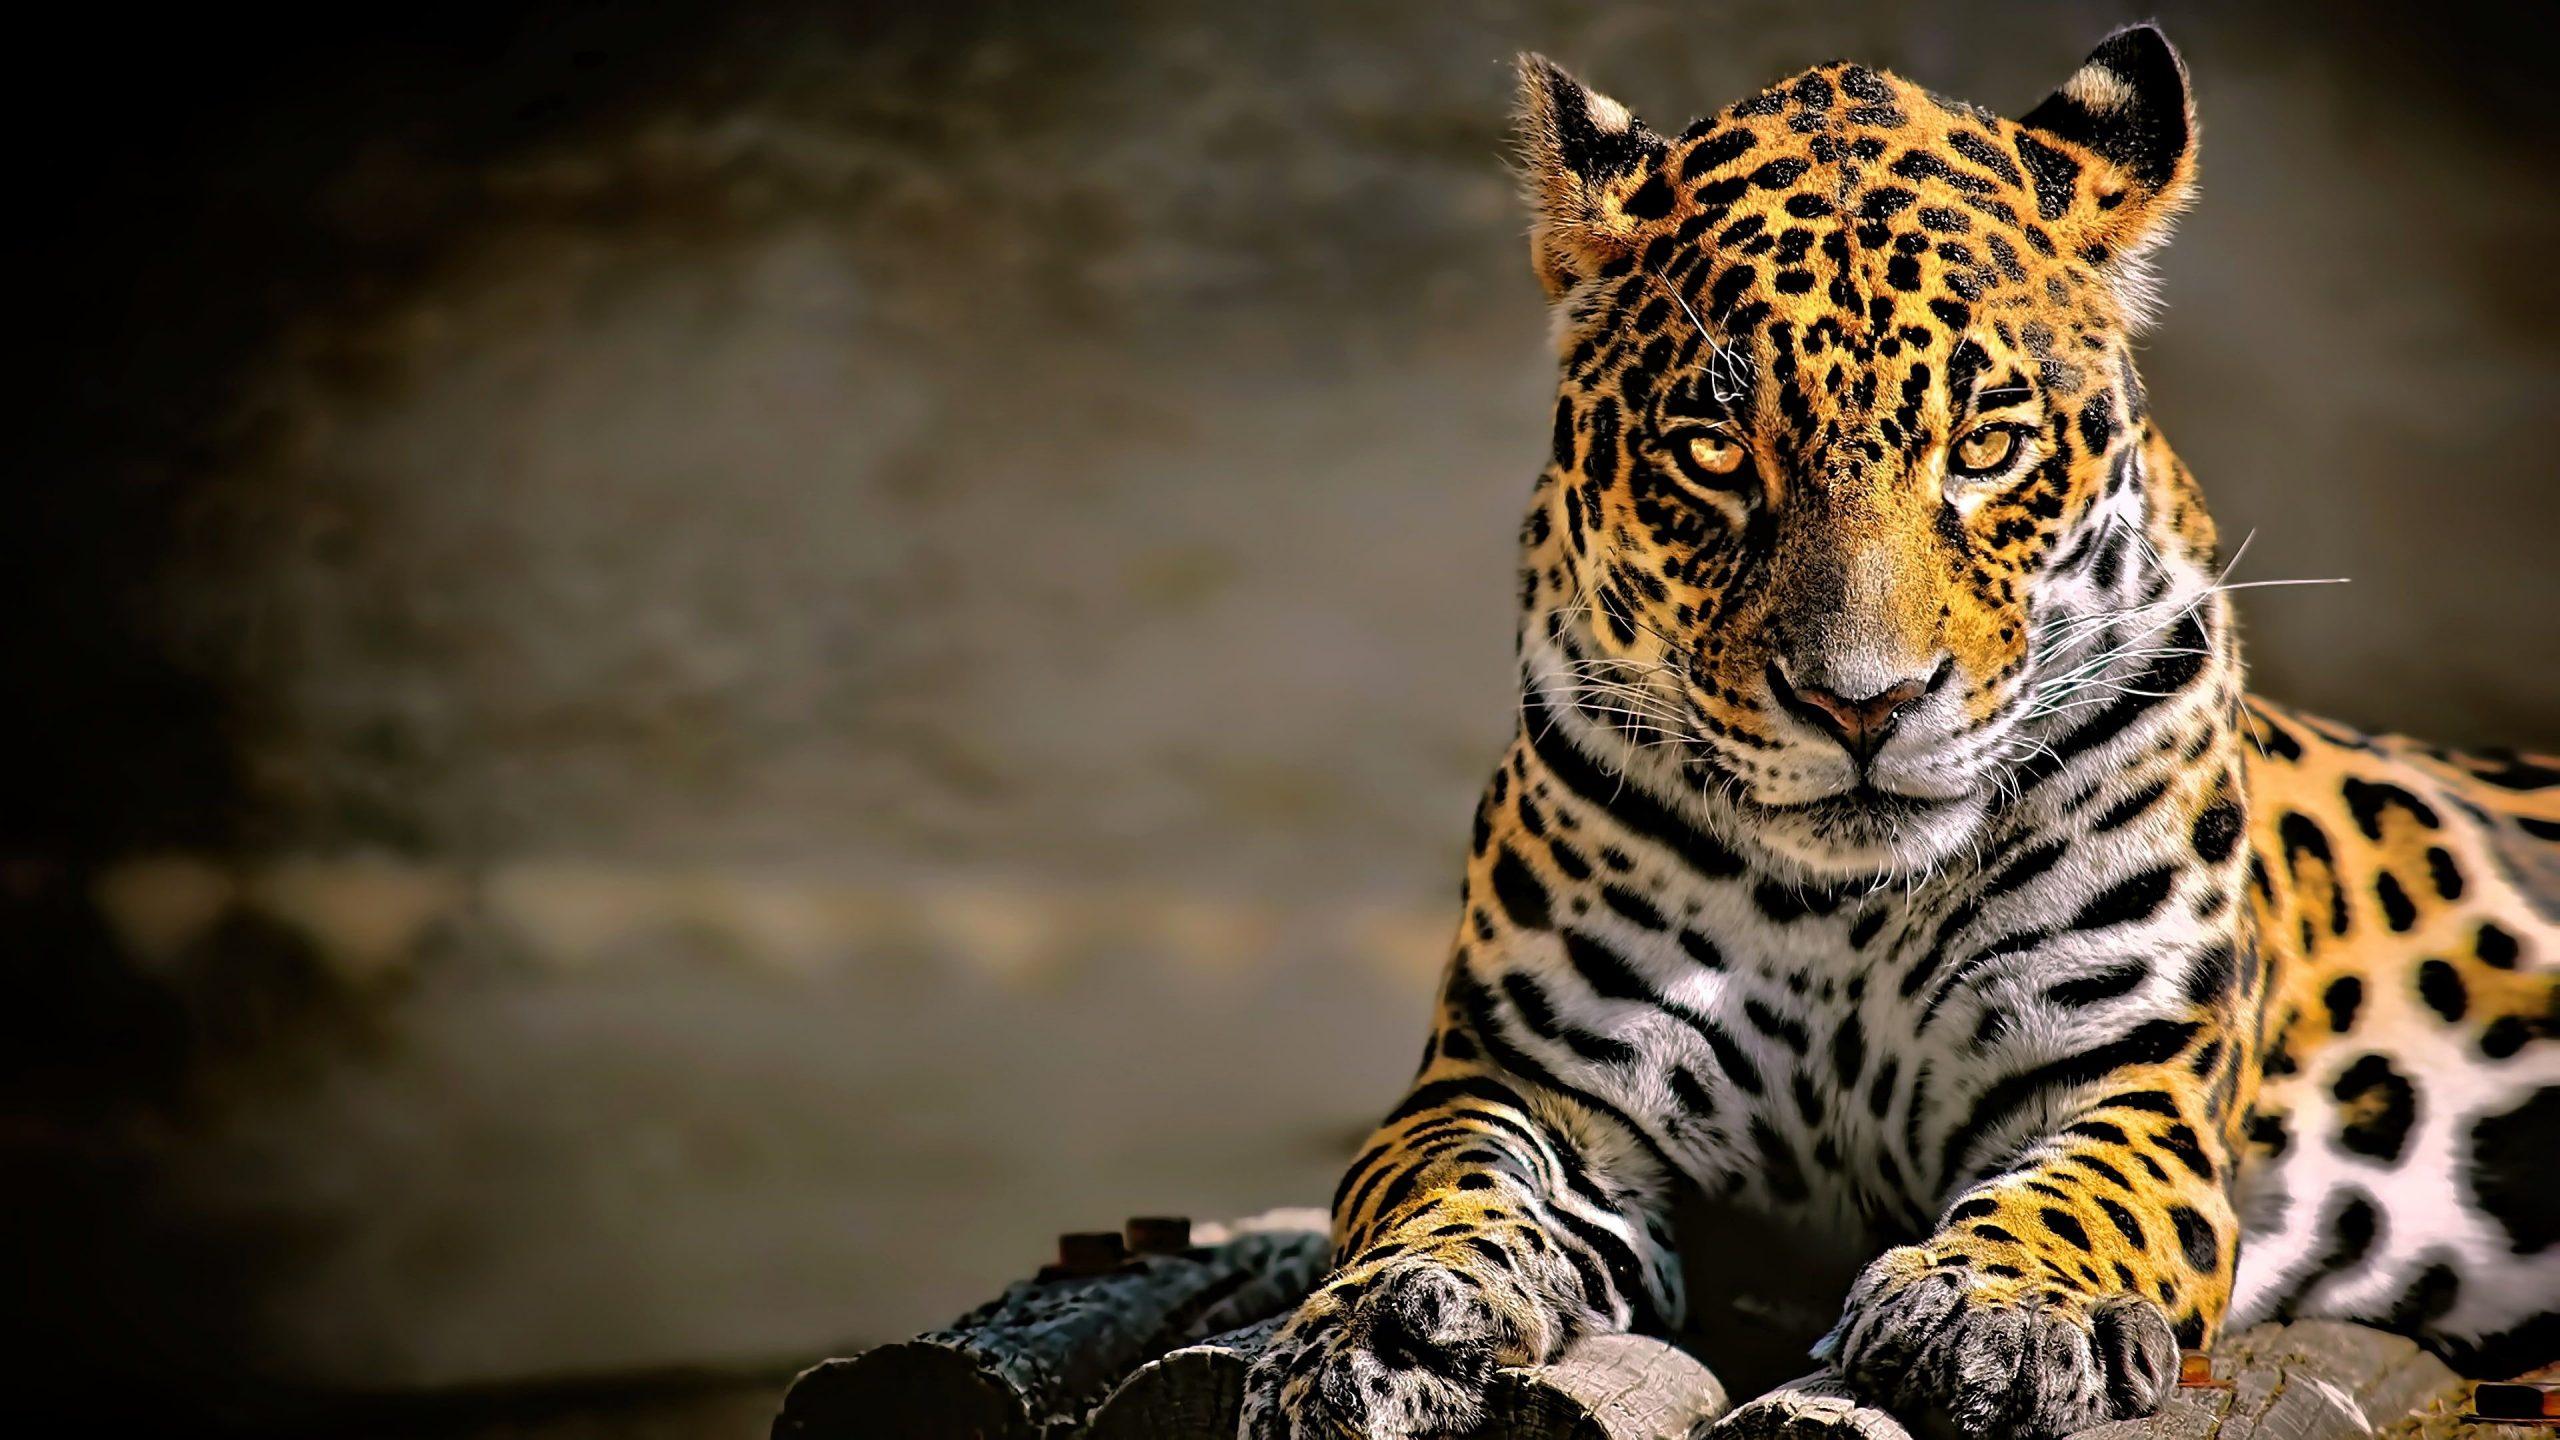 4K Leopard Desktop Wallpaper